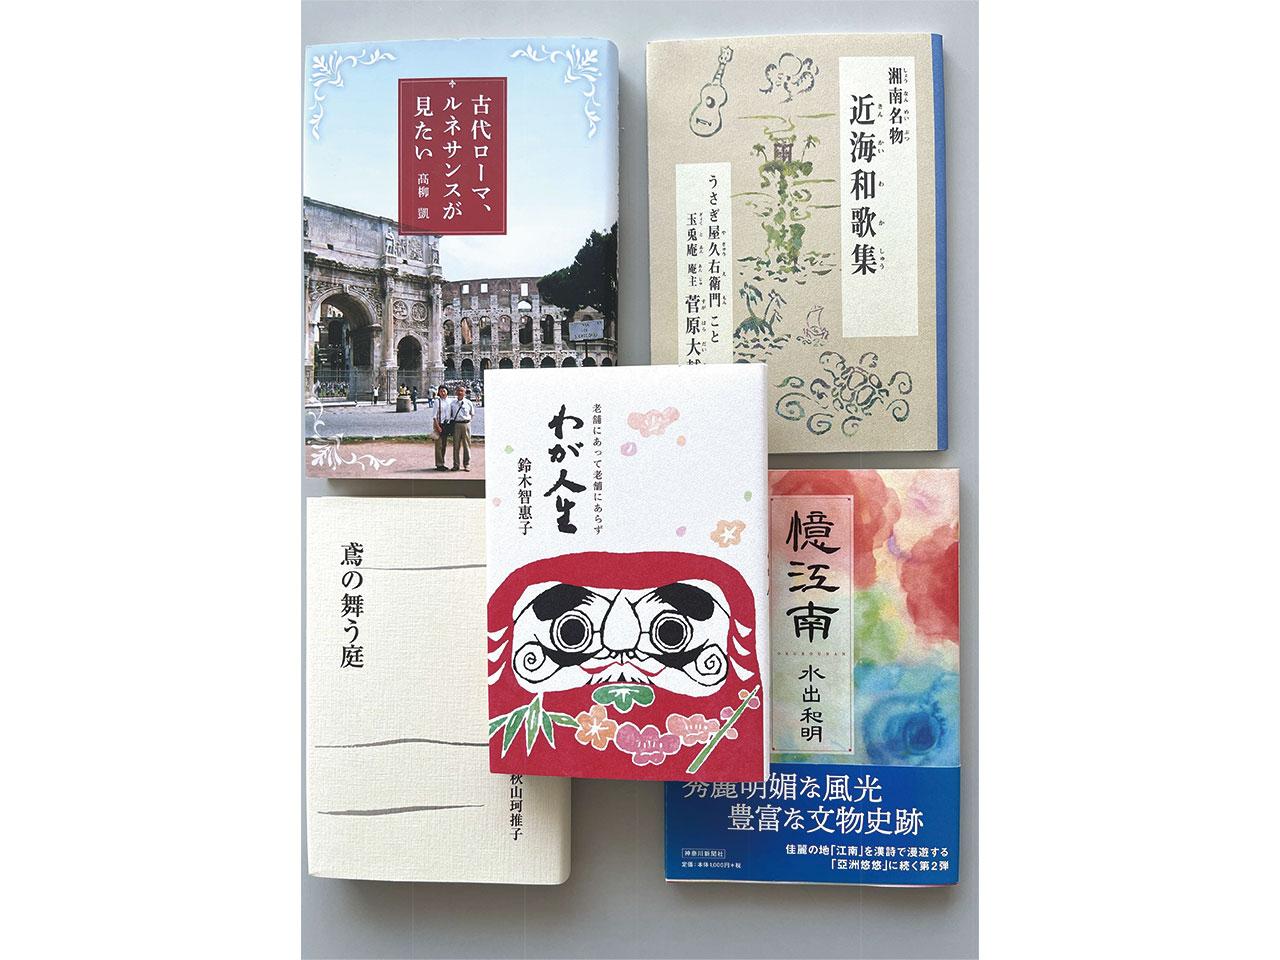 神奈川新聞社/自費出版・コンサート(音楽イベント等)